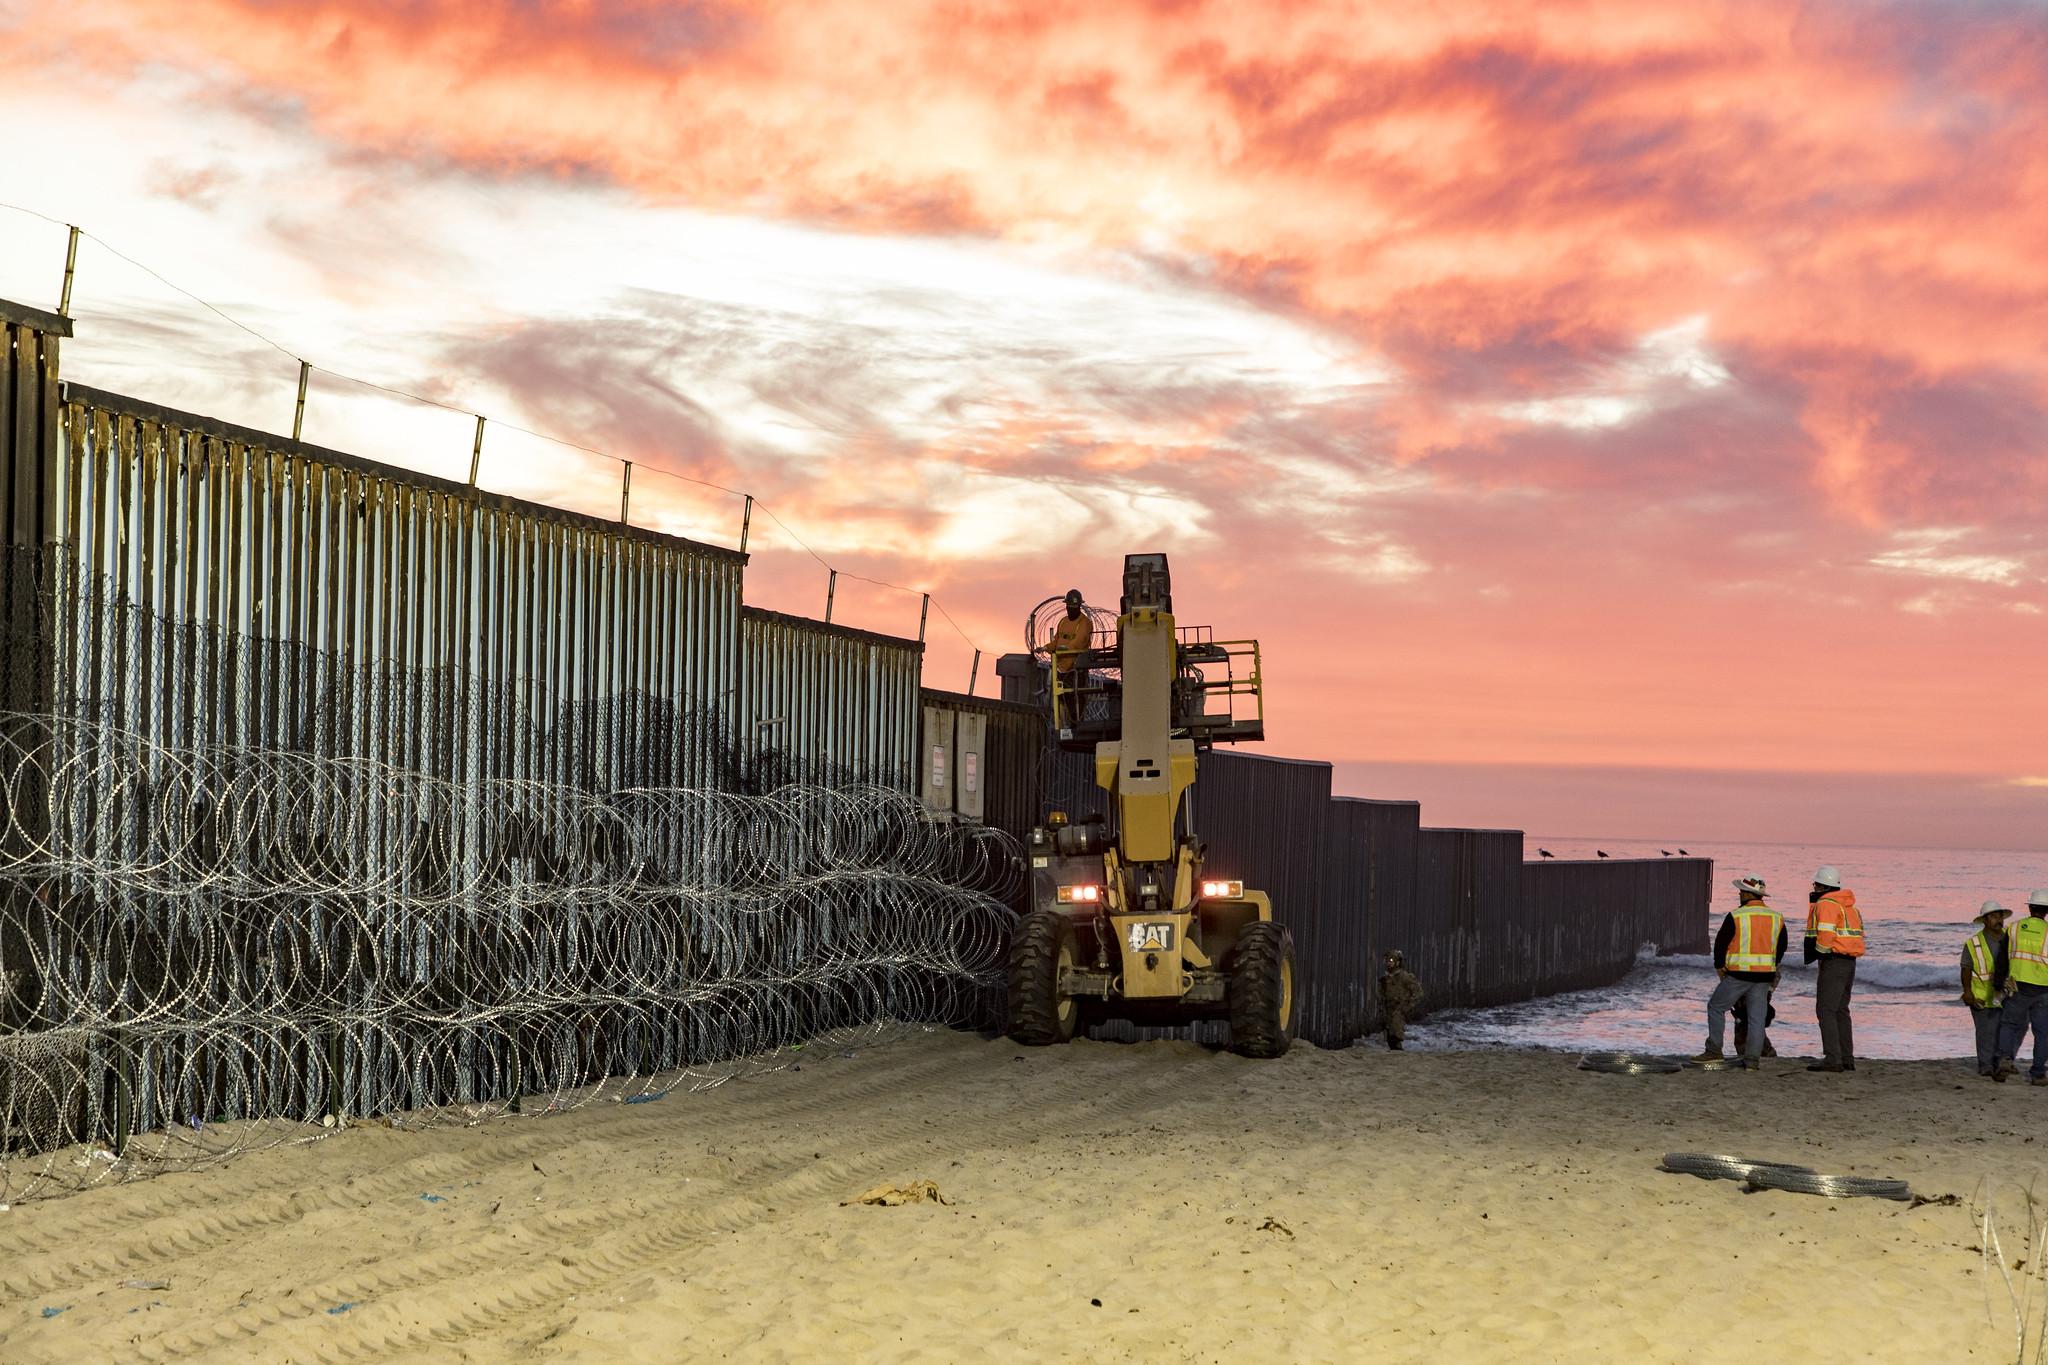 Trabajadores estadounidenses refuerzan la frontera entre Estados Unidos y México. Foto: U.S. Customs and Border Protection